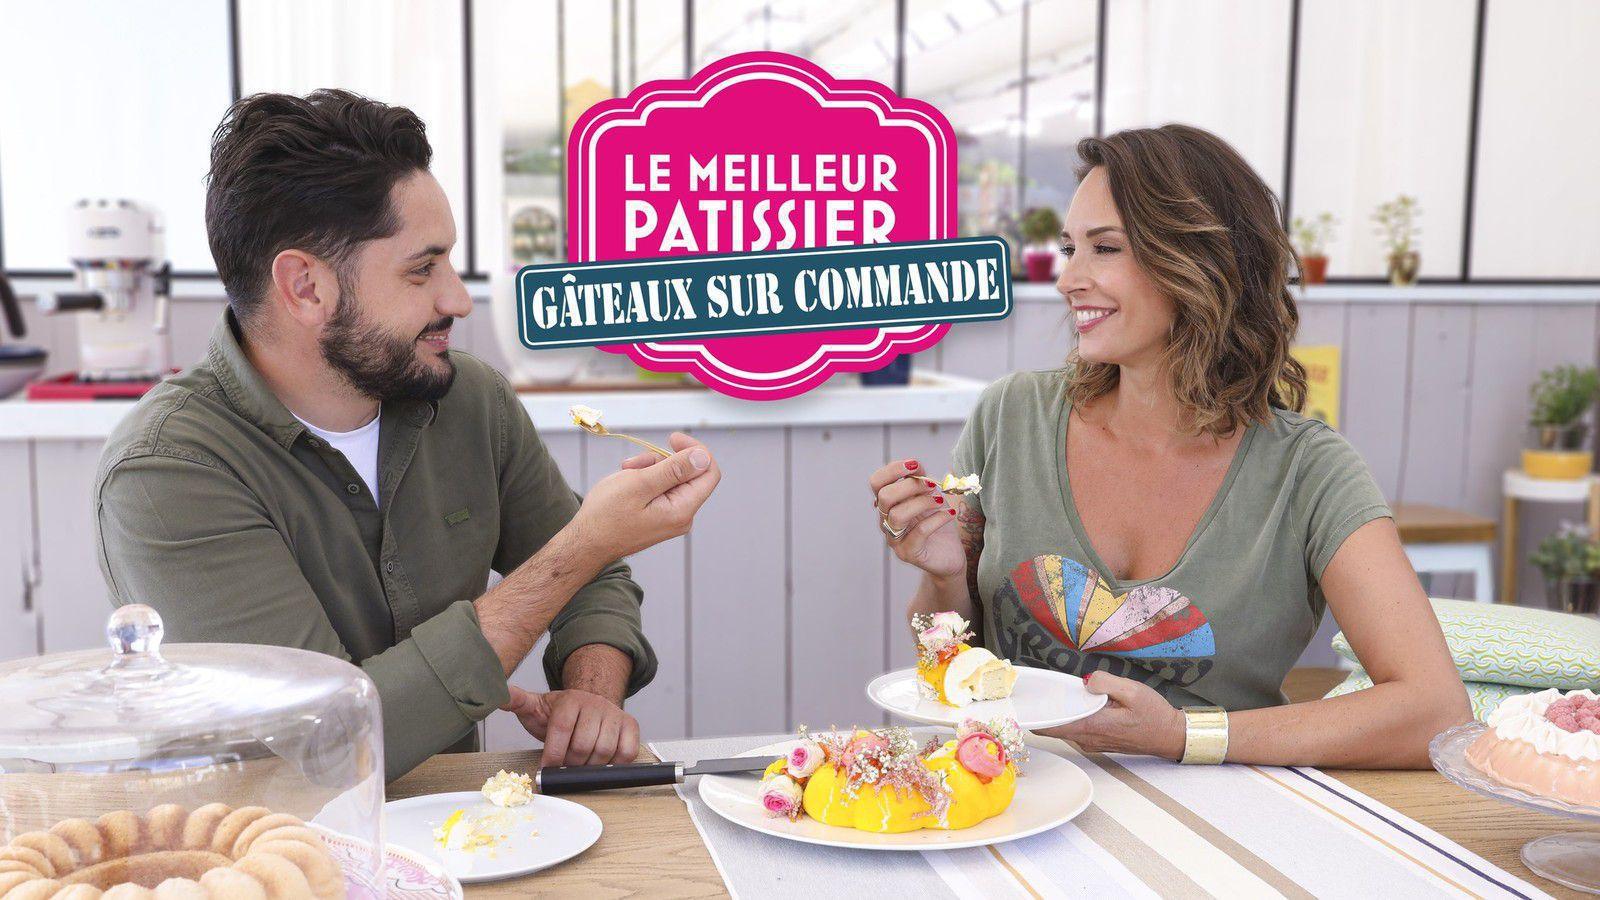 Pascal de la saison 3 affronte Lu-Anh de la saison 8 dans « Le Meilleur Pâtissier : gâteaux sur commande » ce soir sur M6